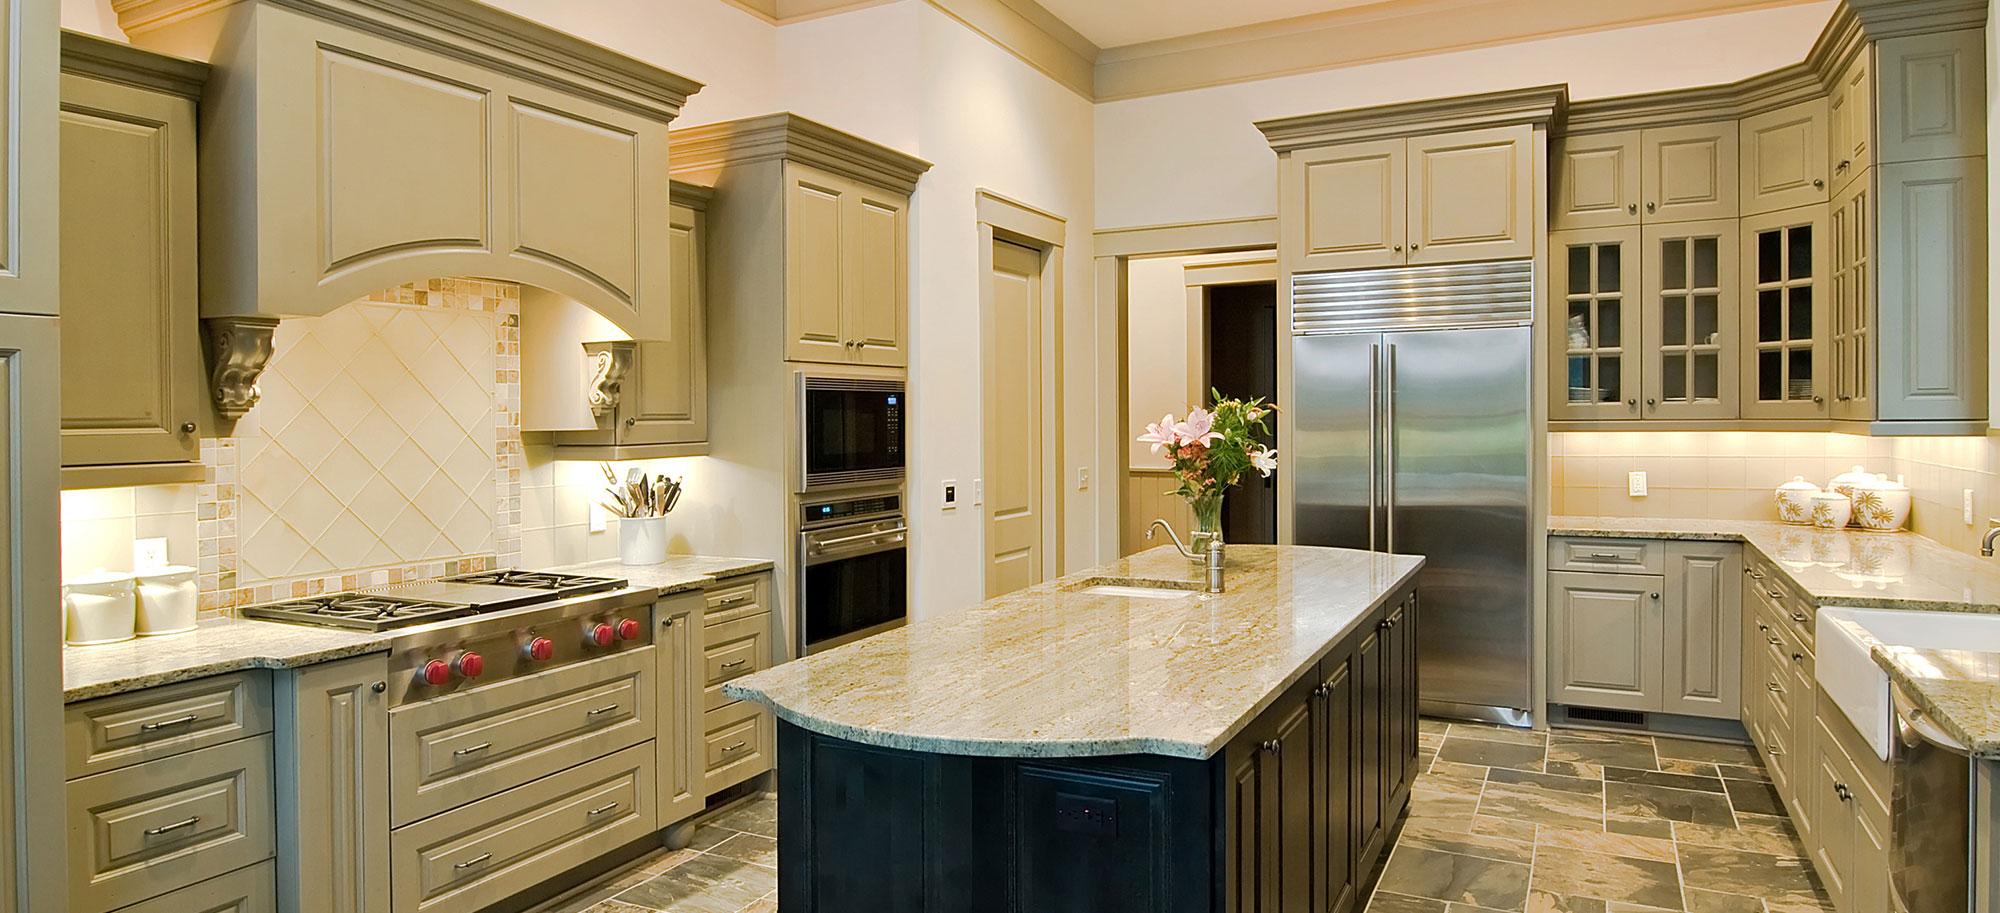 Derry Kitchen Center